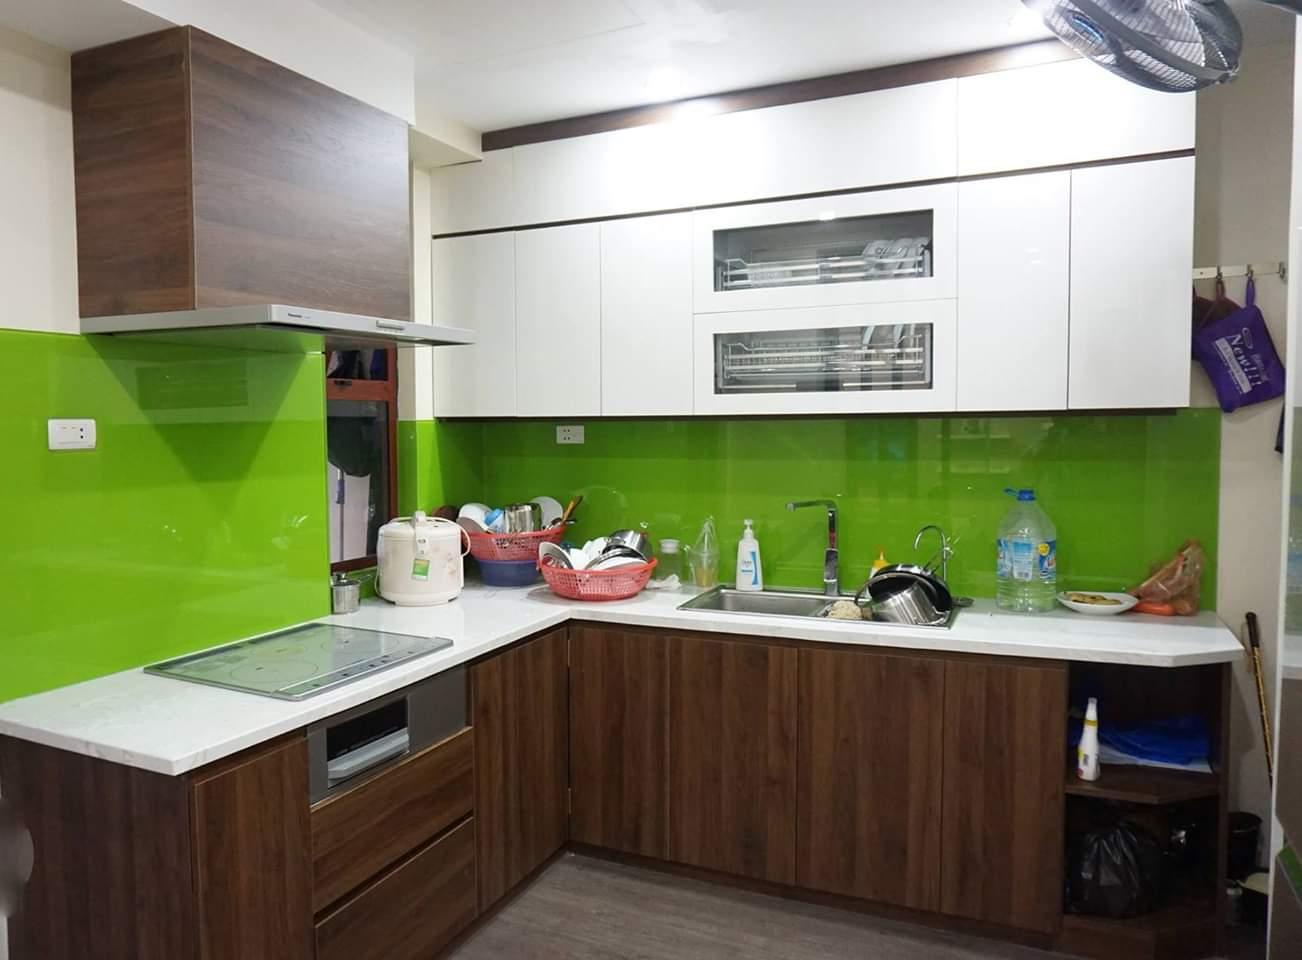 Tủ bếp dáng chữ L với điểm nhấn là kính ốp bàn bếp màu xanh non.